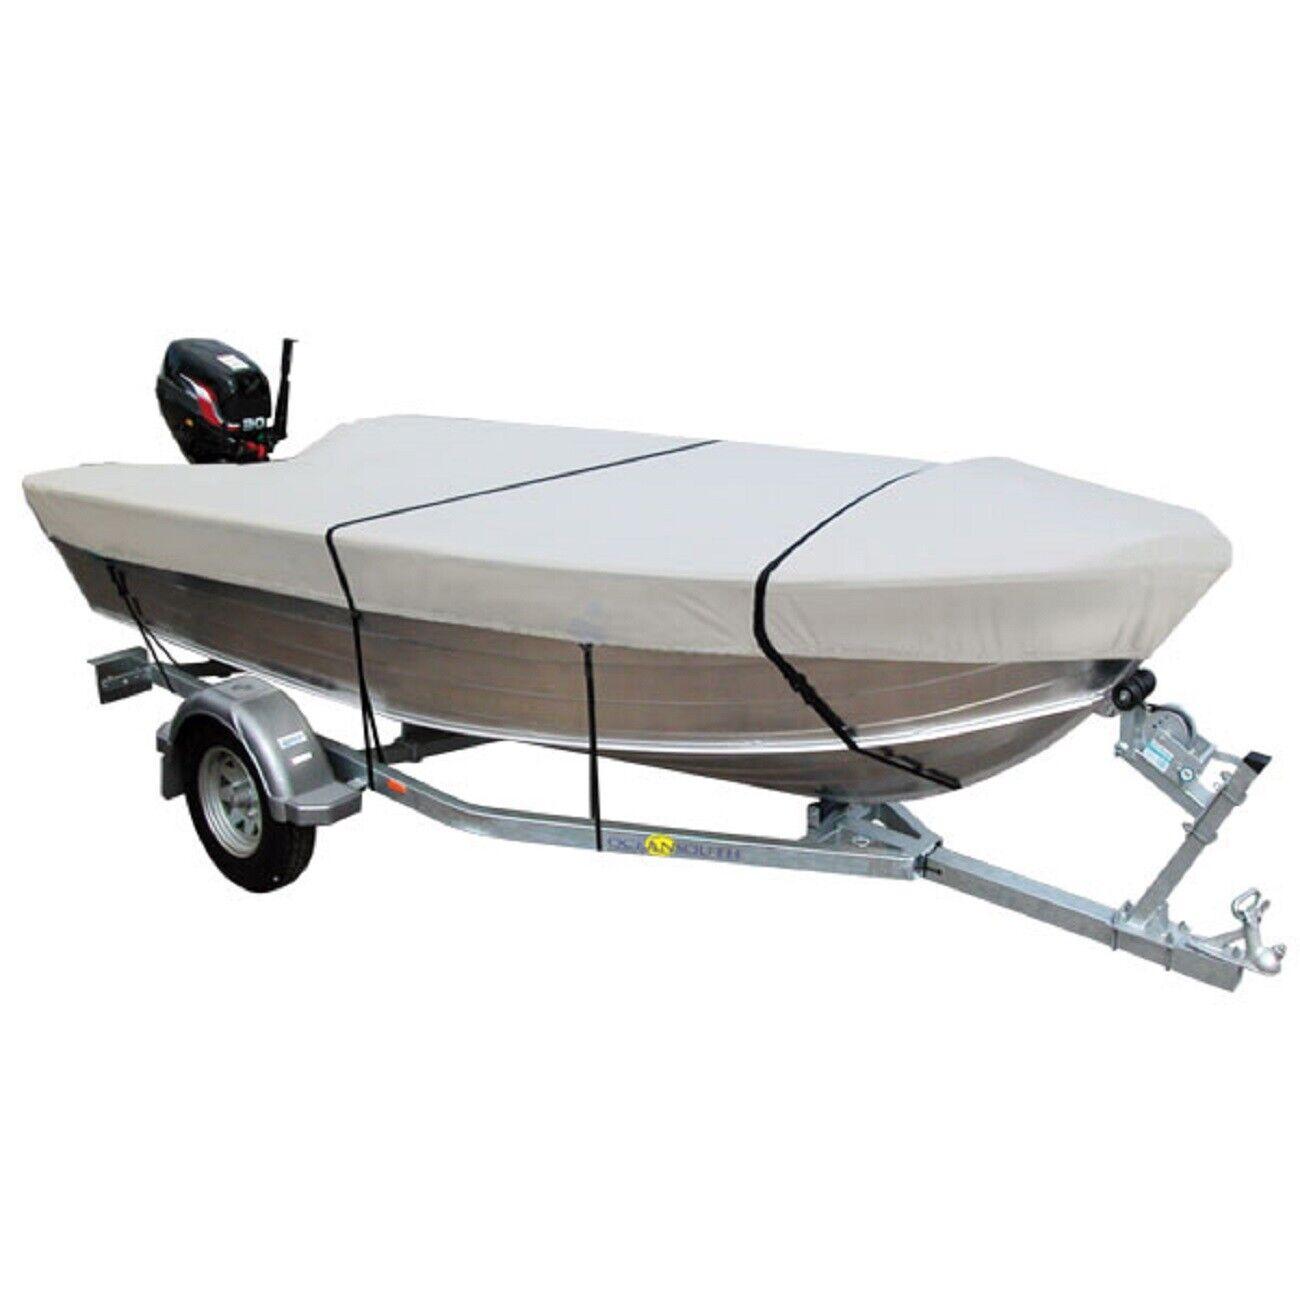 Oceansouth Abdeckplane für offene Boote Bootsplane Persenning - robust